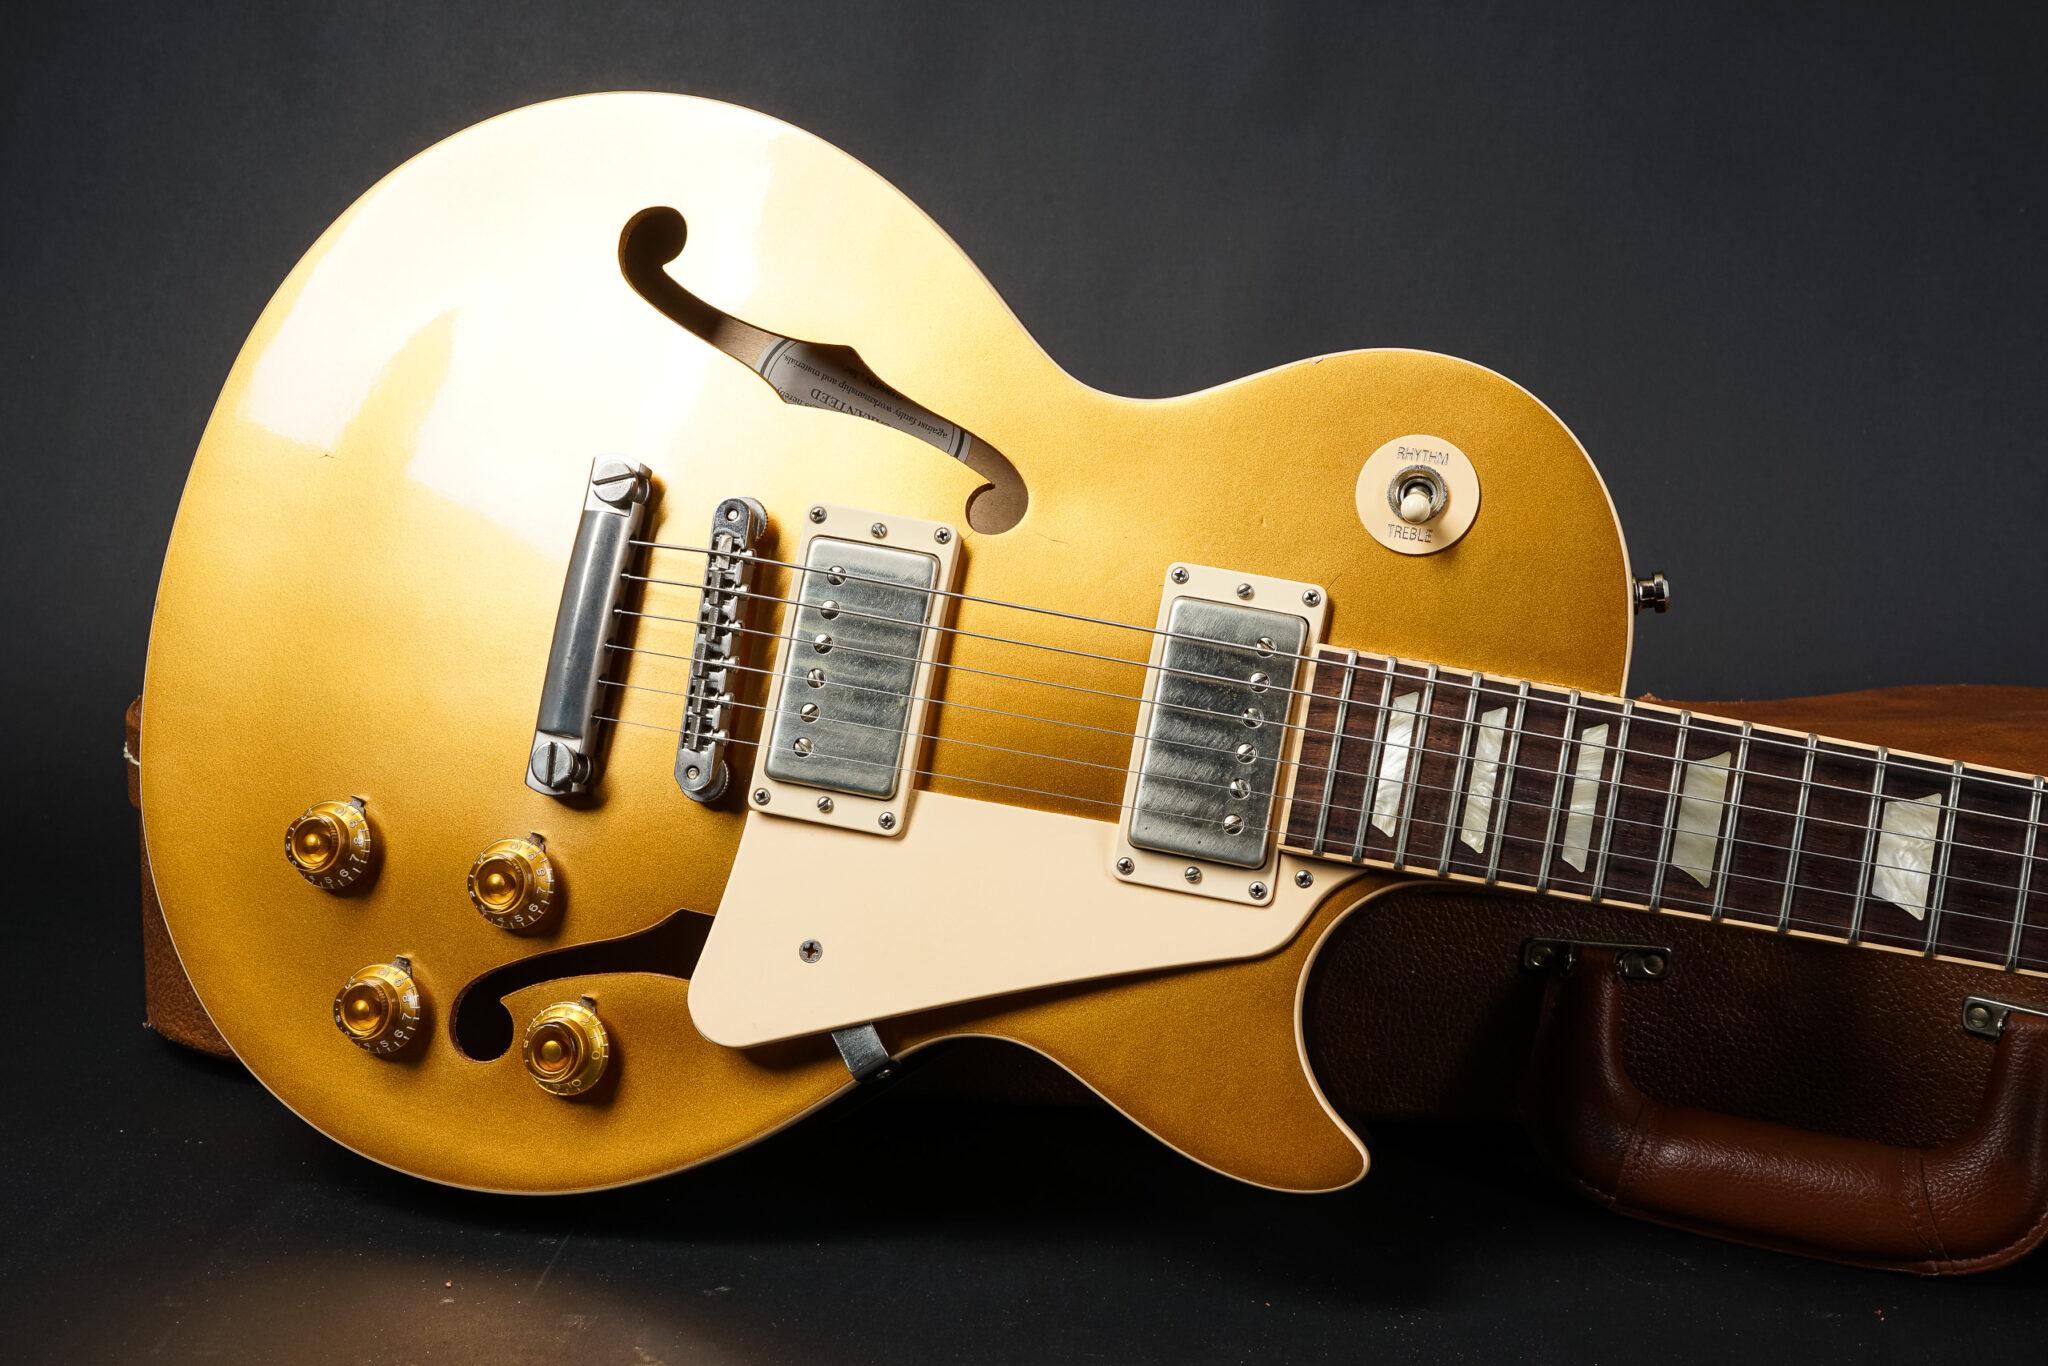 https://guitarpoint.de/app/uploads/products/2015-gibson-memphis-es-les-paul-goldtop/2015-Gibson-ES-Les-Paul-Goldtop-6-2048x1366.jpg